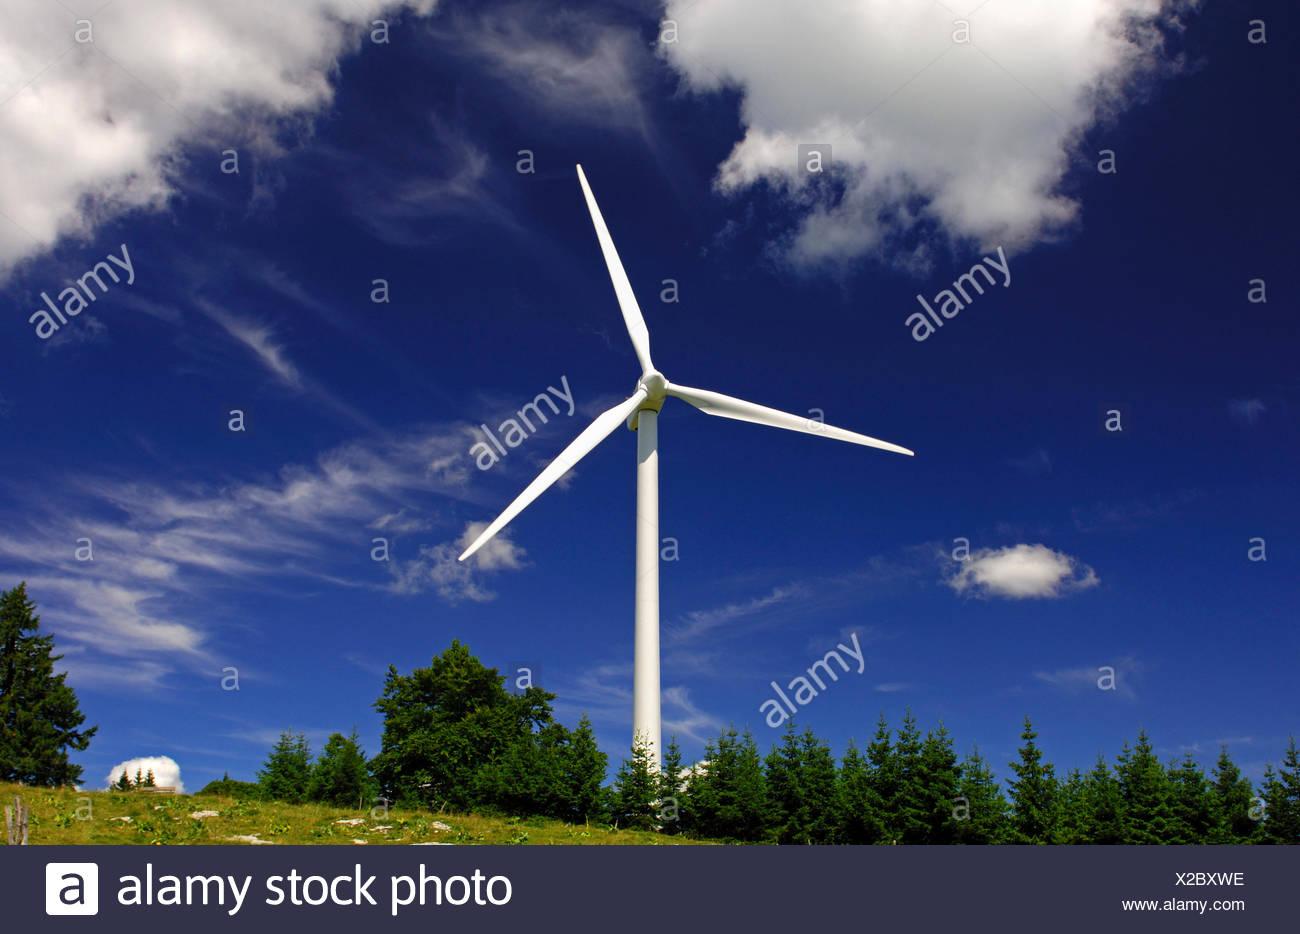 Windräder auf dem Mont Crosin Wind Power Station, St. Imier, Jura, Schweiz, Europa Stockbild